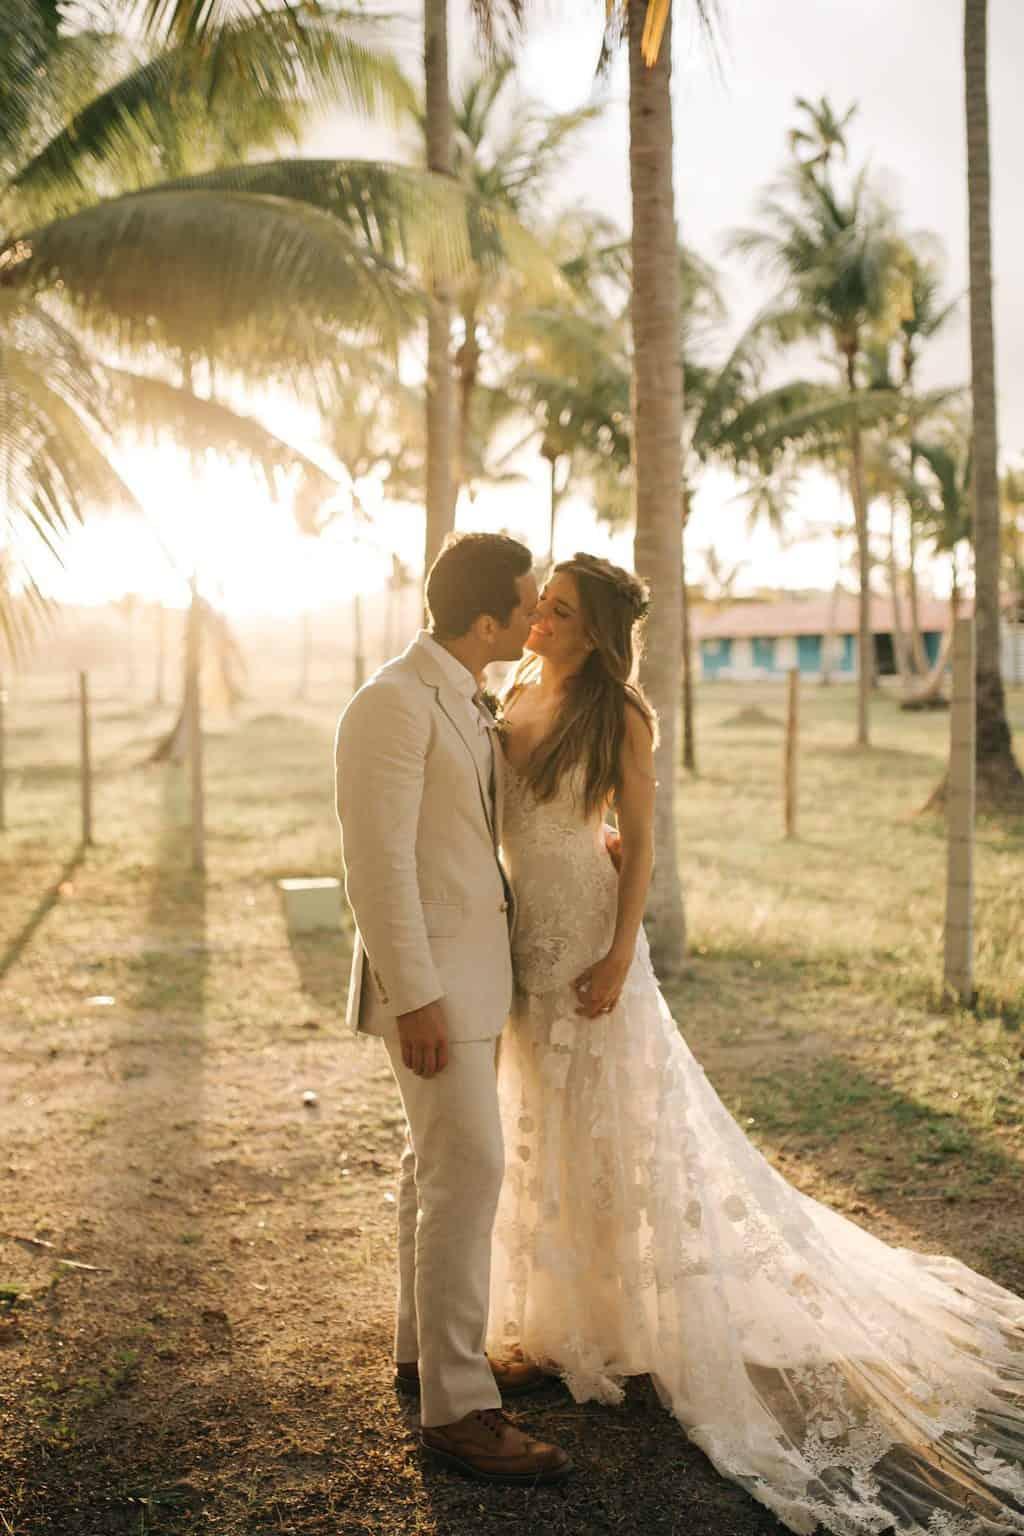 casamento-Danielle-e-Guilherme-aloha-fotografia-caseme-108